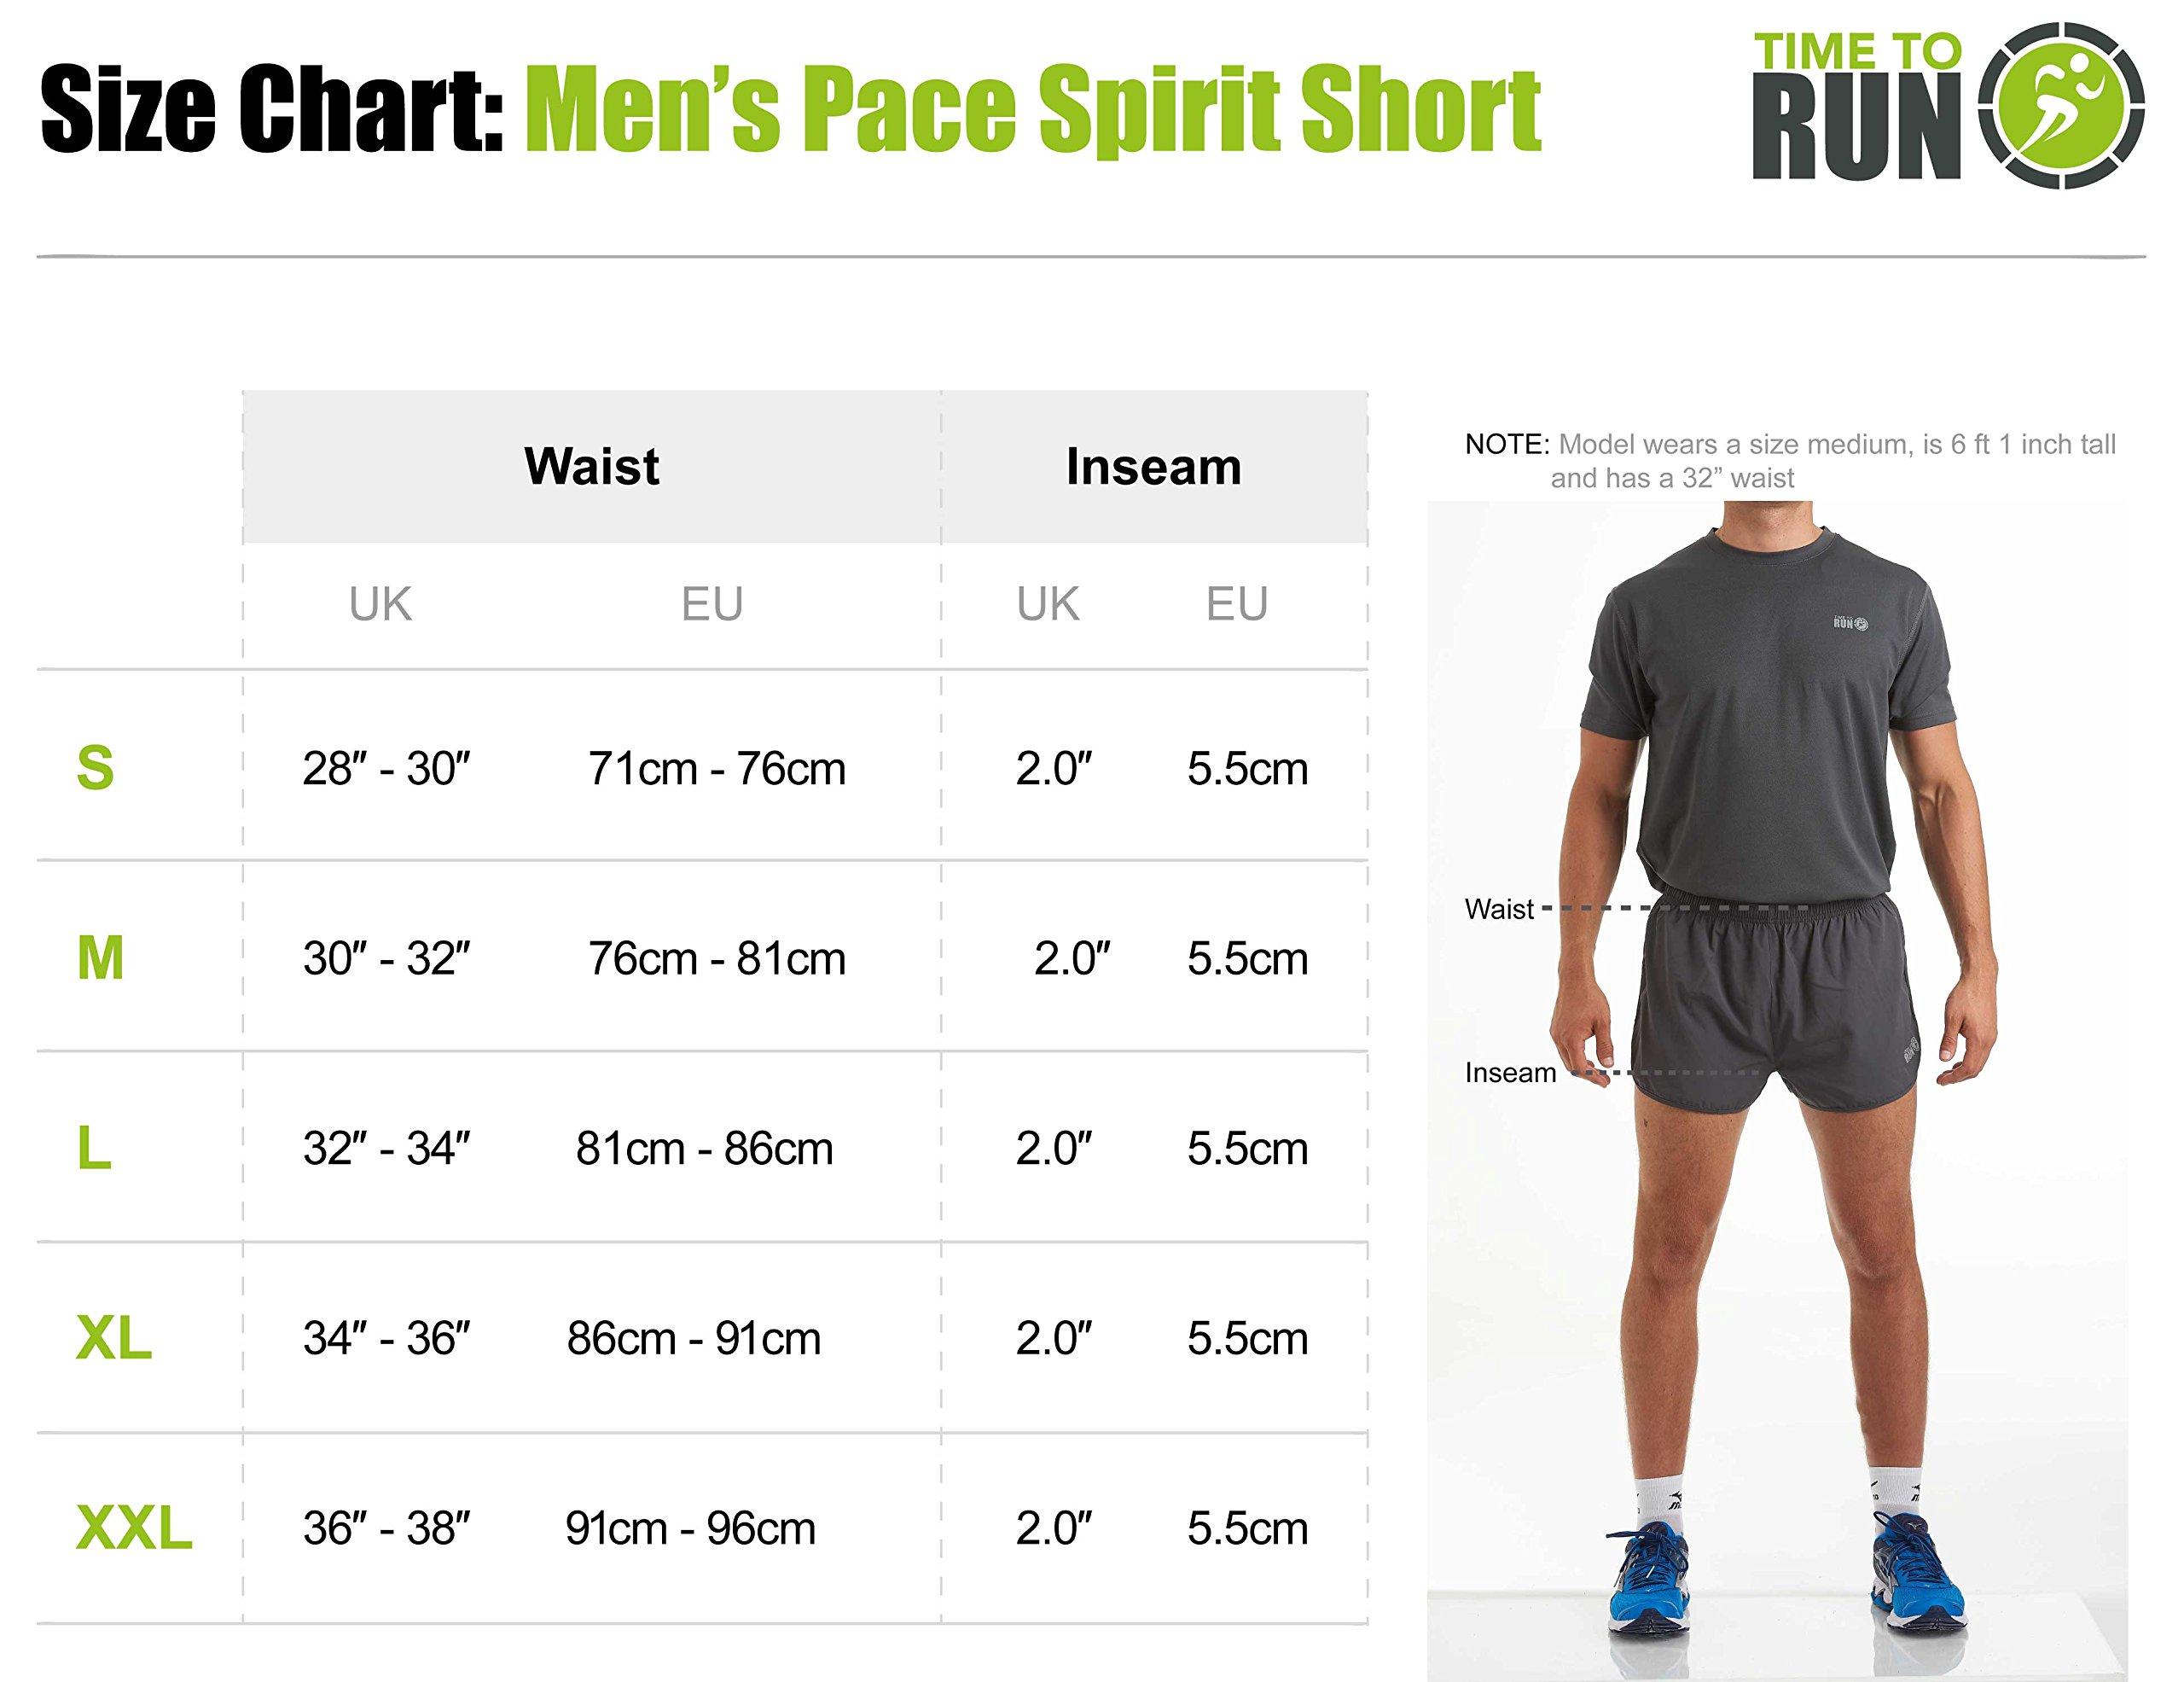 Time To Run Pantaloncini da Corsa/Palestra/Allenamento da Uomo Men's Split Pace Spirit con Fodera e Tasca con Cerniera 5 spesavip